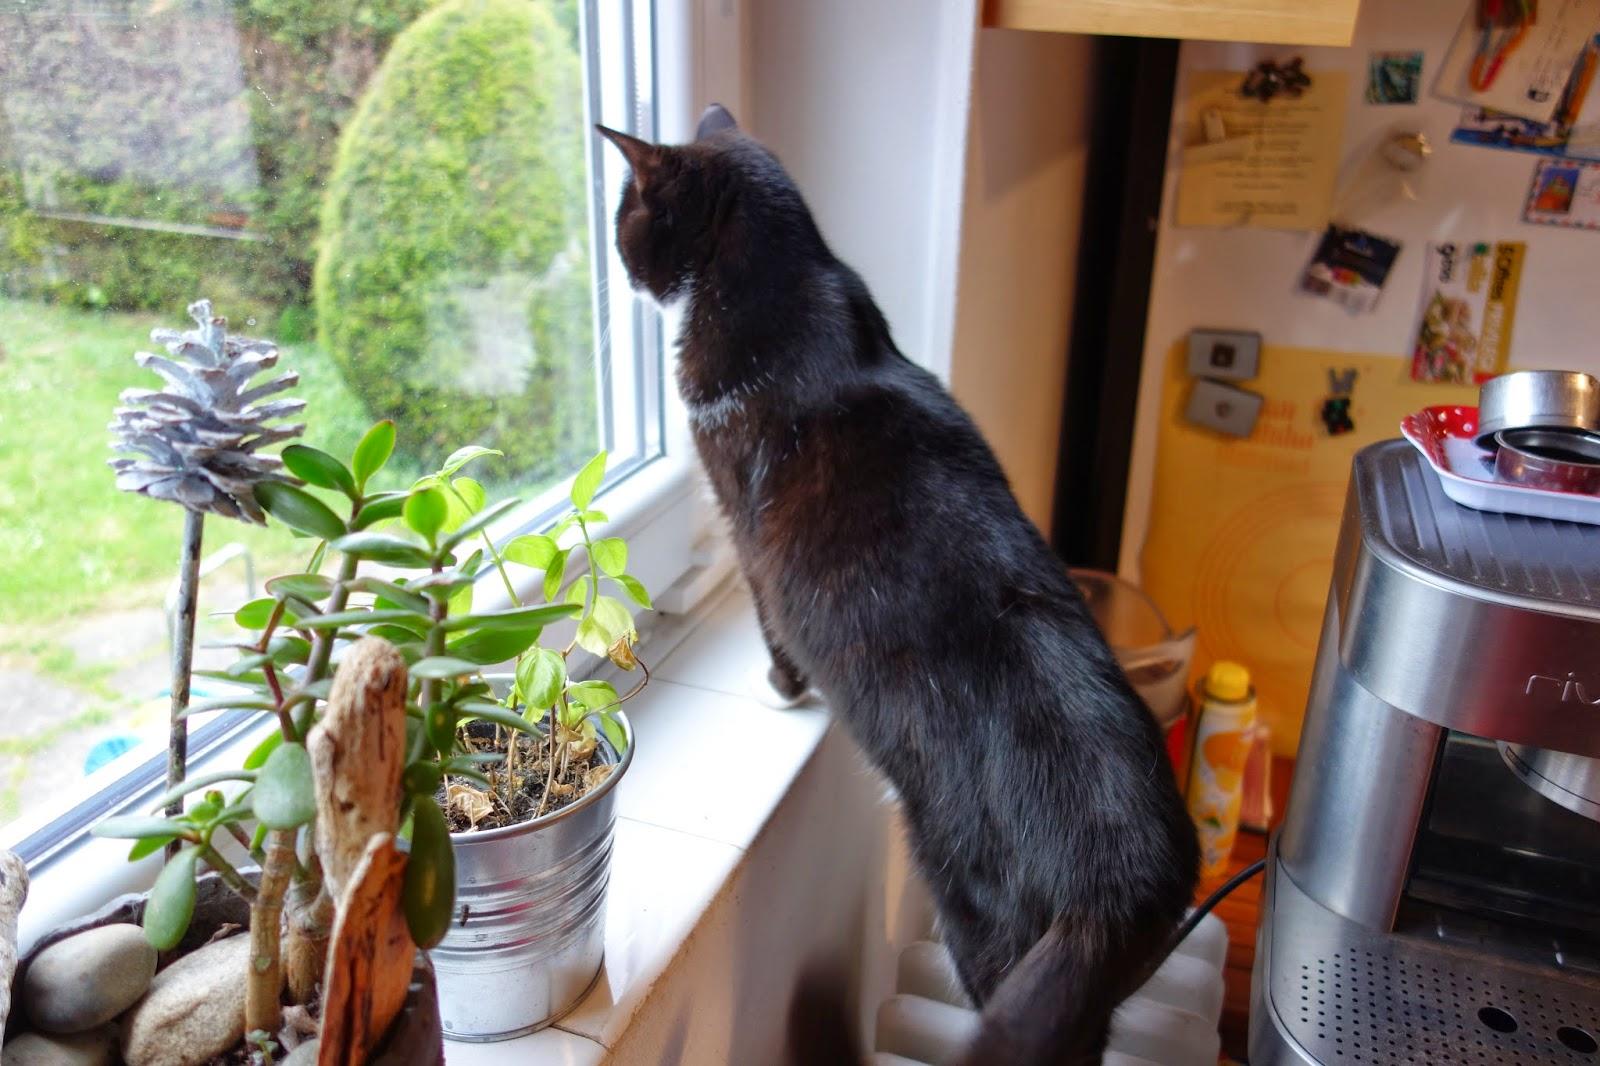 Фримусс наблюдает за садом